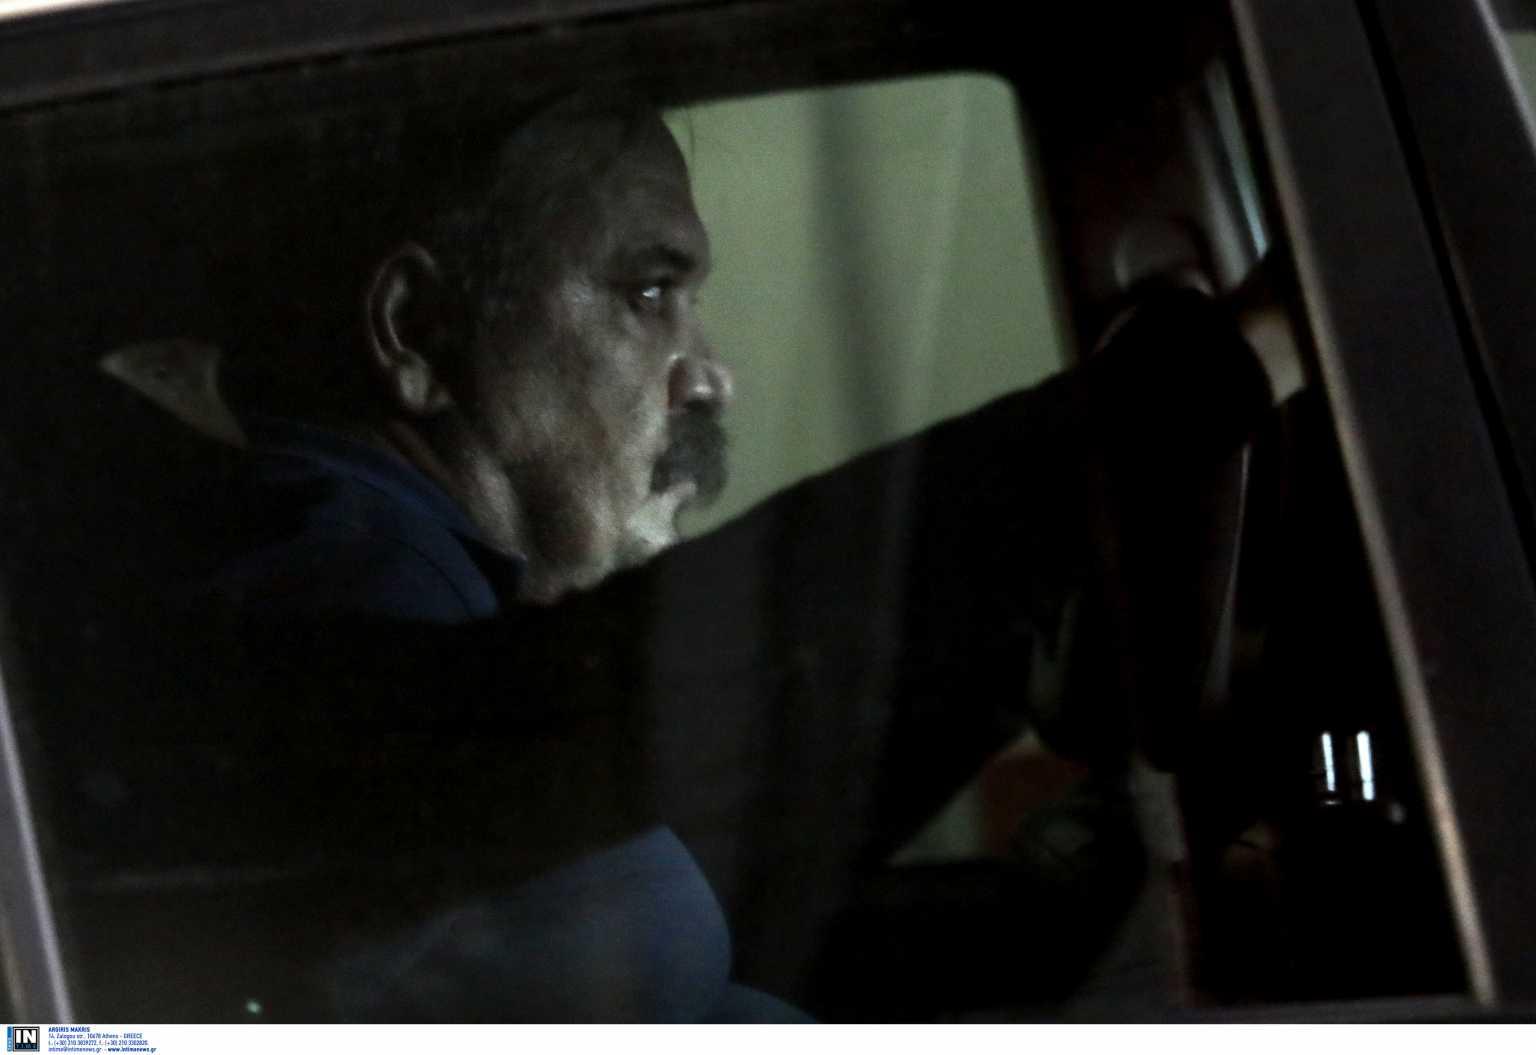 Χρήστος Παππάς: Το σχέδιο διαφυγής του στο εξωτερικό – Πώς τον εντόπισαν στου Ζωγράφου